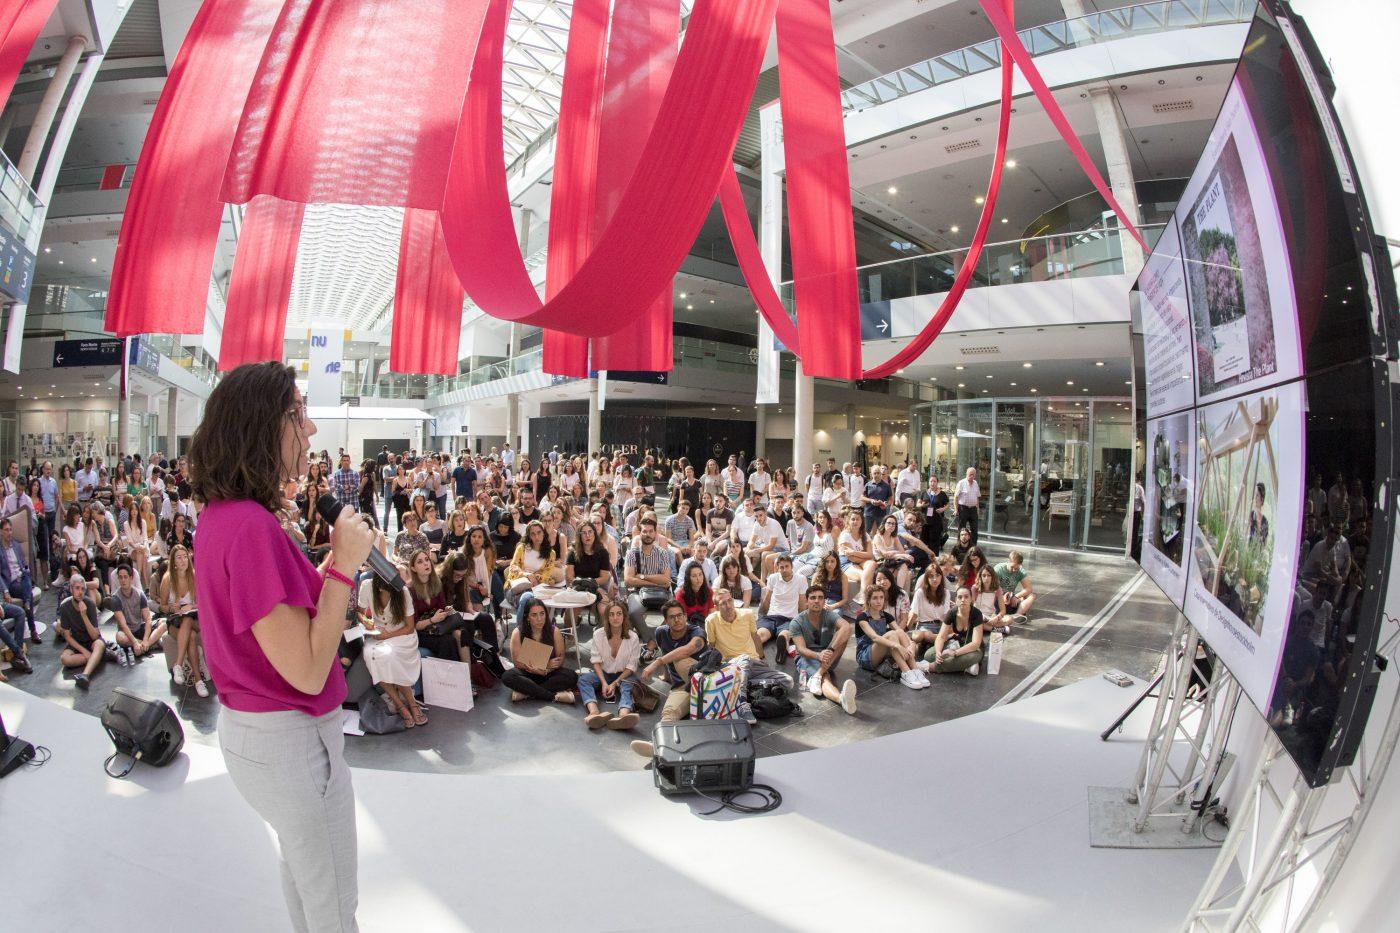 HÁBITAT explorará el diálogo entre el contract, el diseño de interiores y la era digital